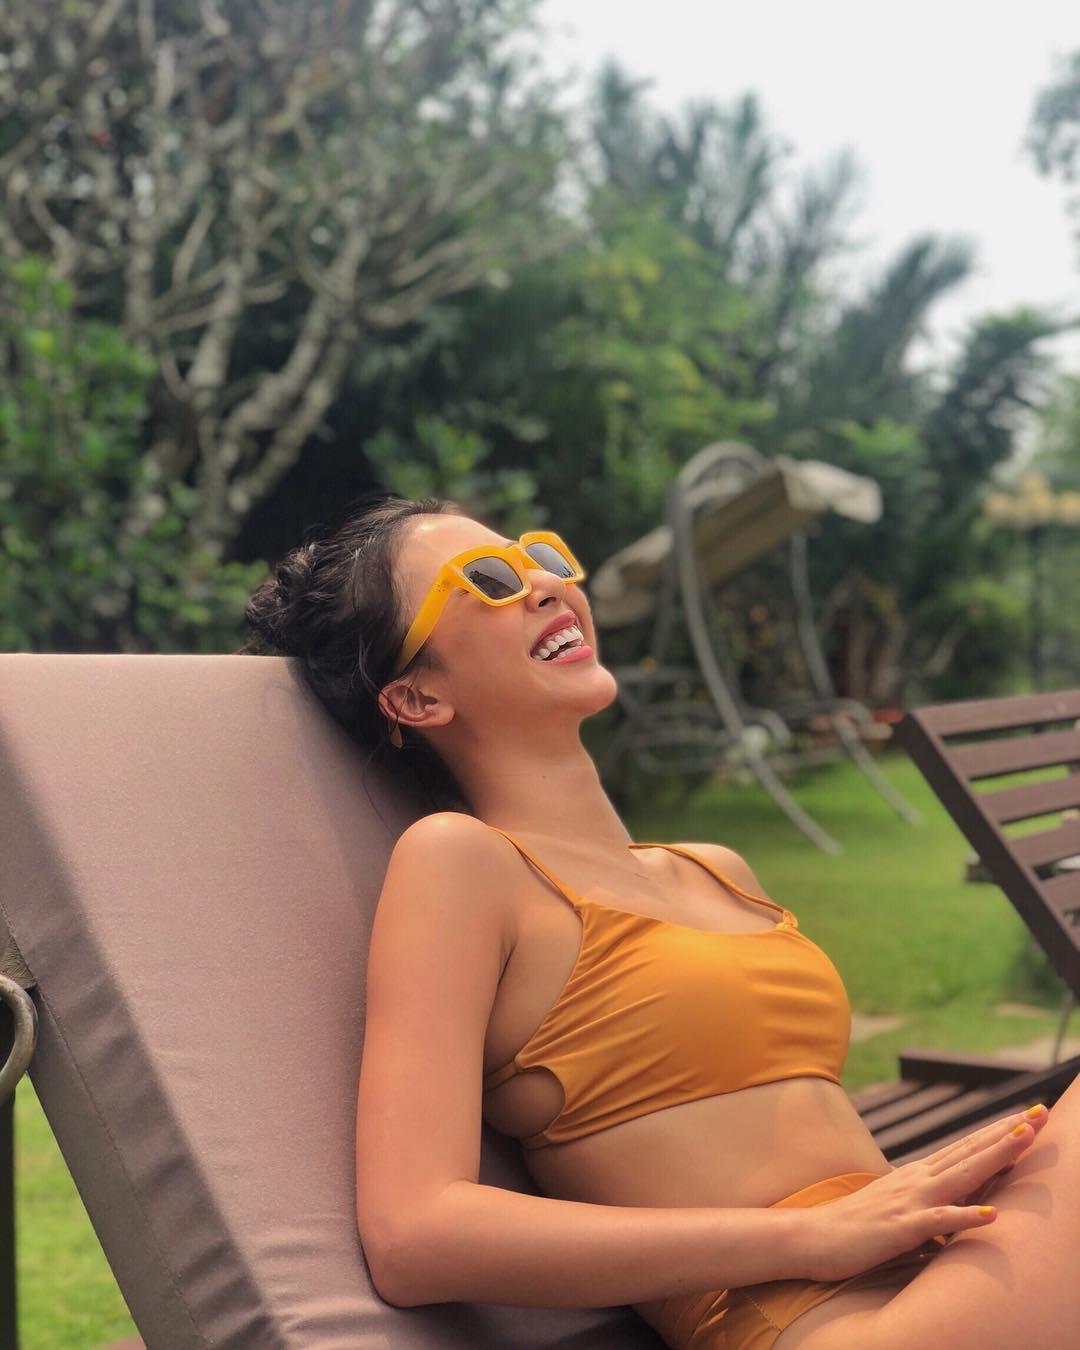 Diện bikini khoe da nâu và cơ bụng săn chắc, Quỳnh Anh Shyn được fan gọi là Kendall Jenner của Việt Nam